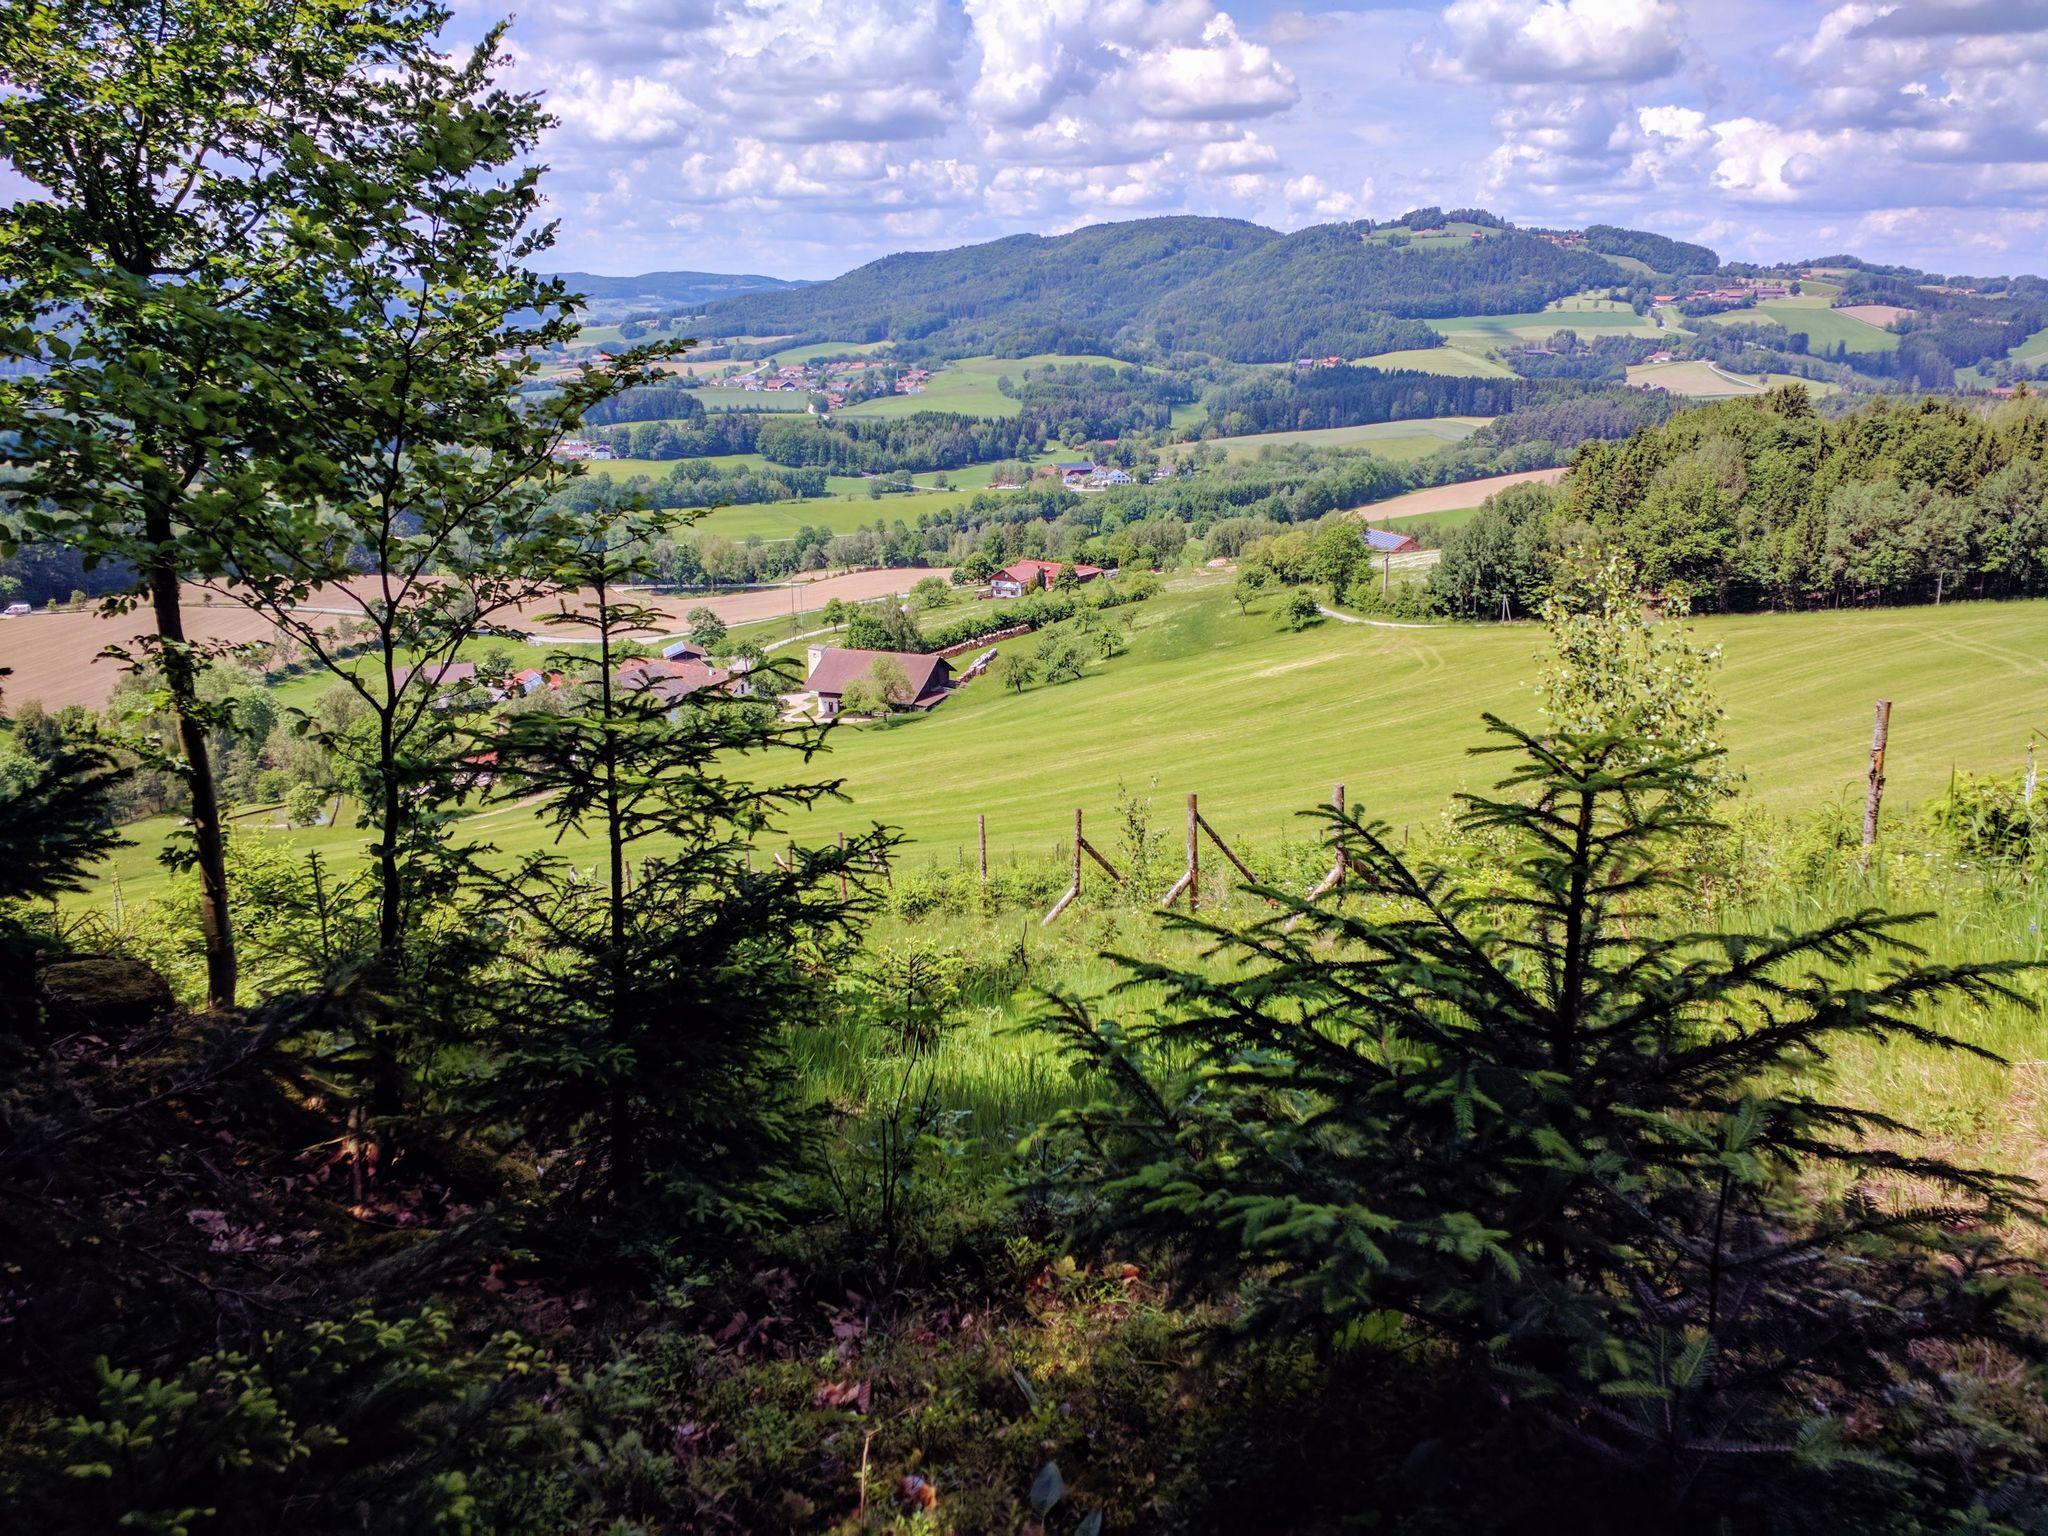 Der Schlussanstieg hat begonnen, Blick zurück auf Weingarten